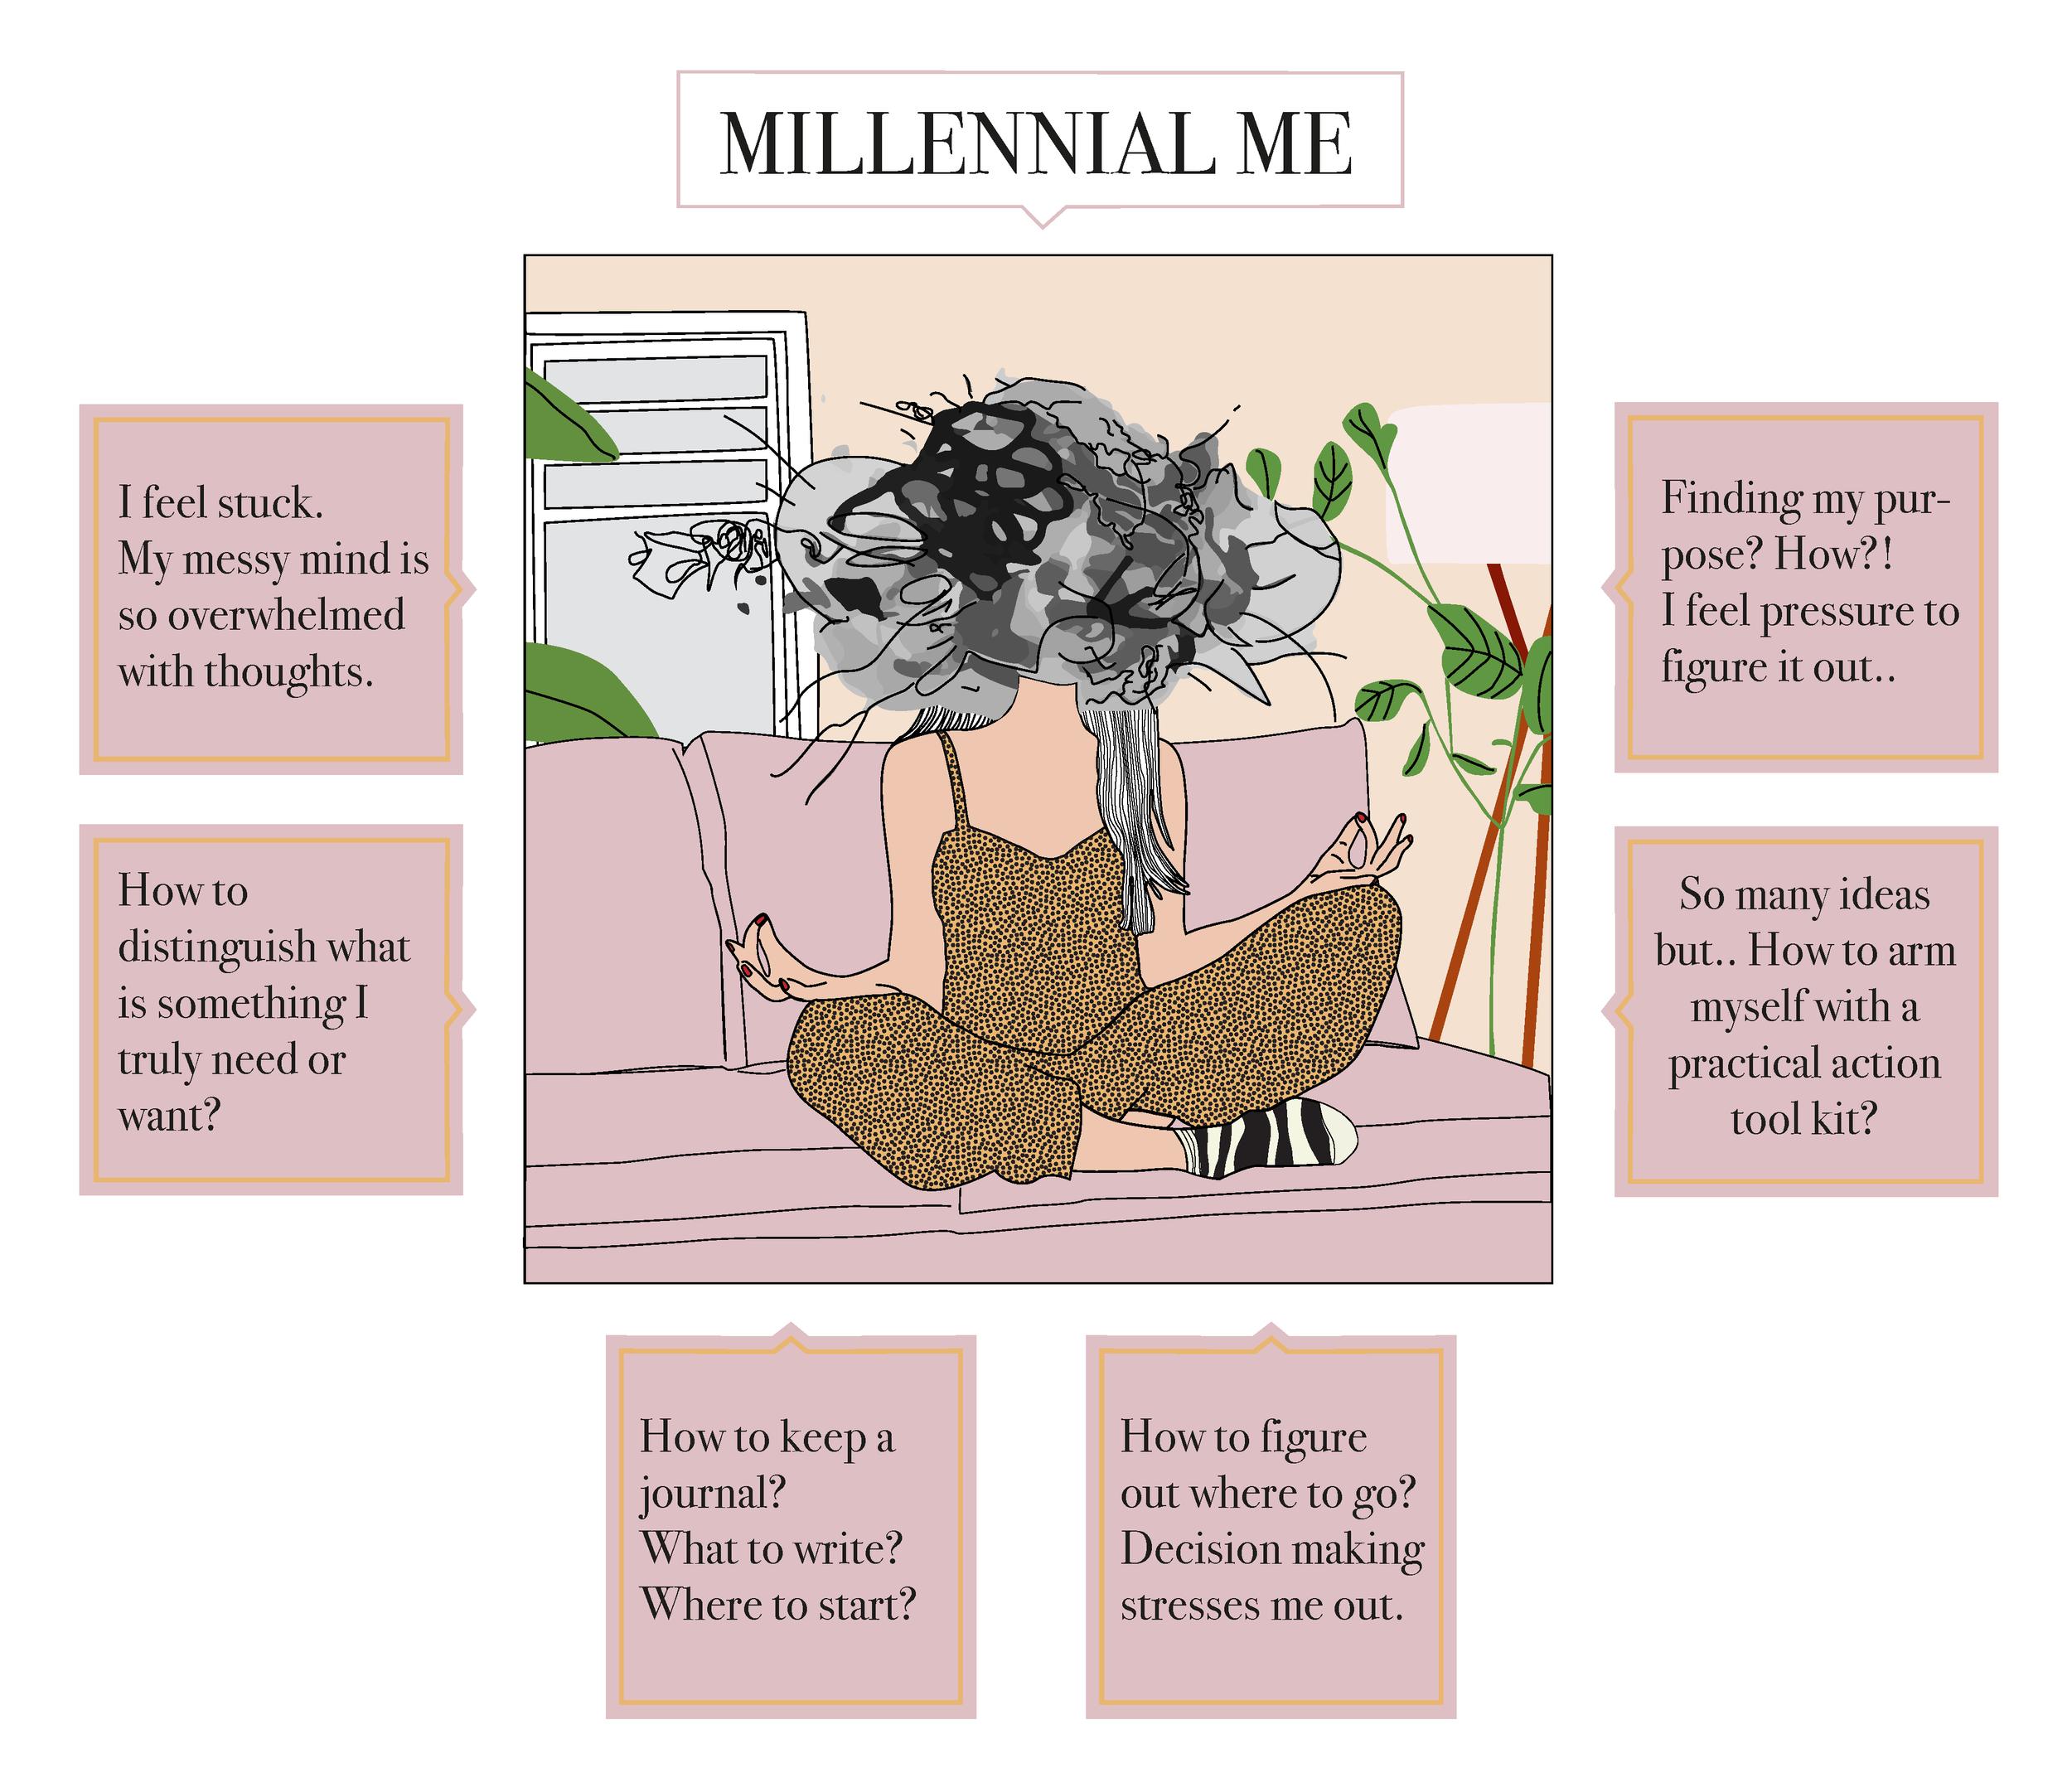 Millennial me_talkbubbles.png